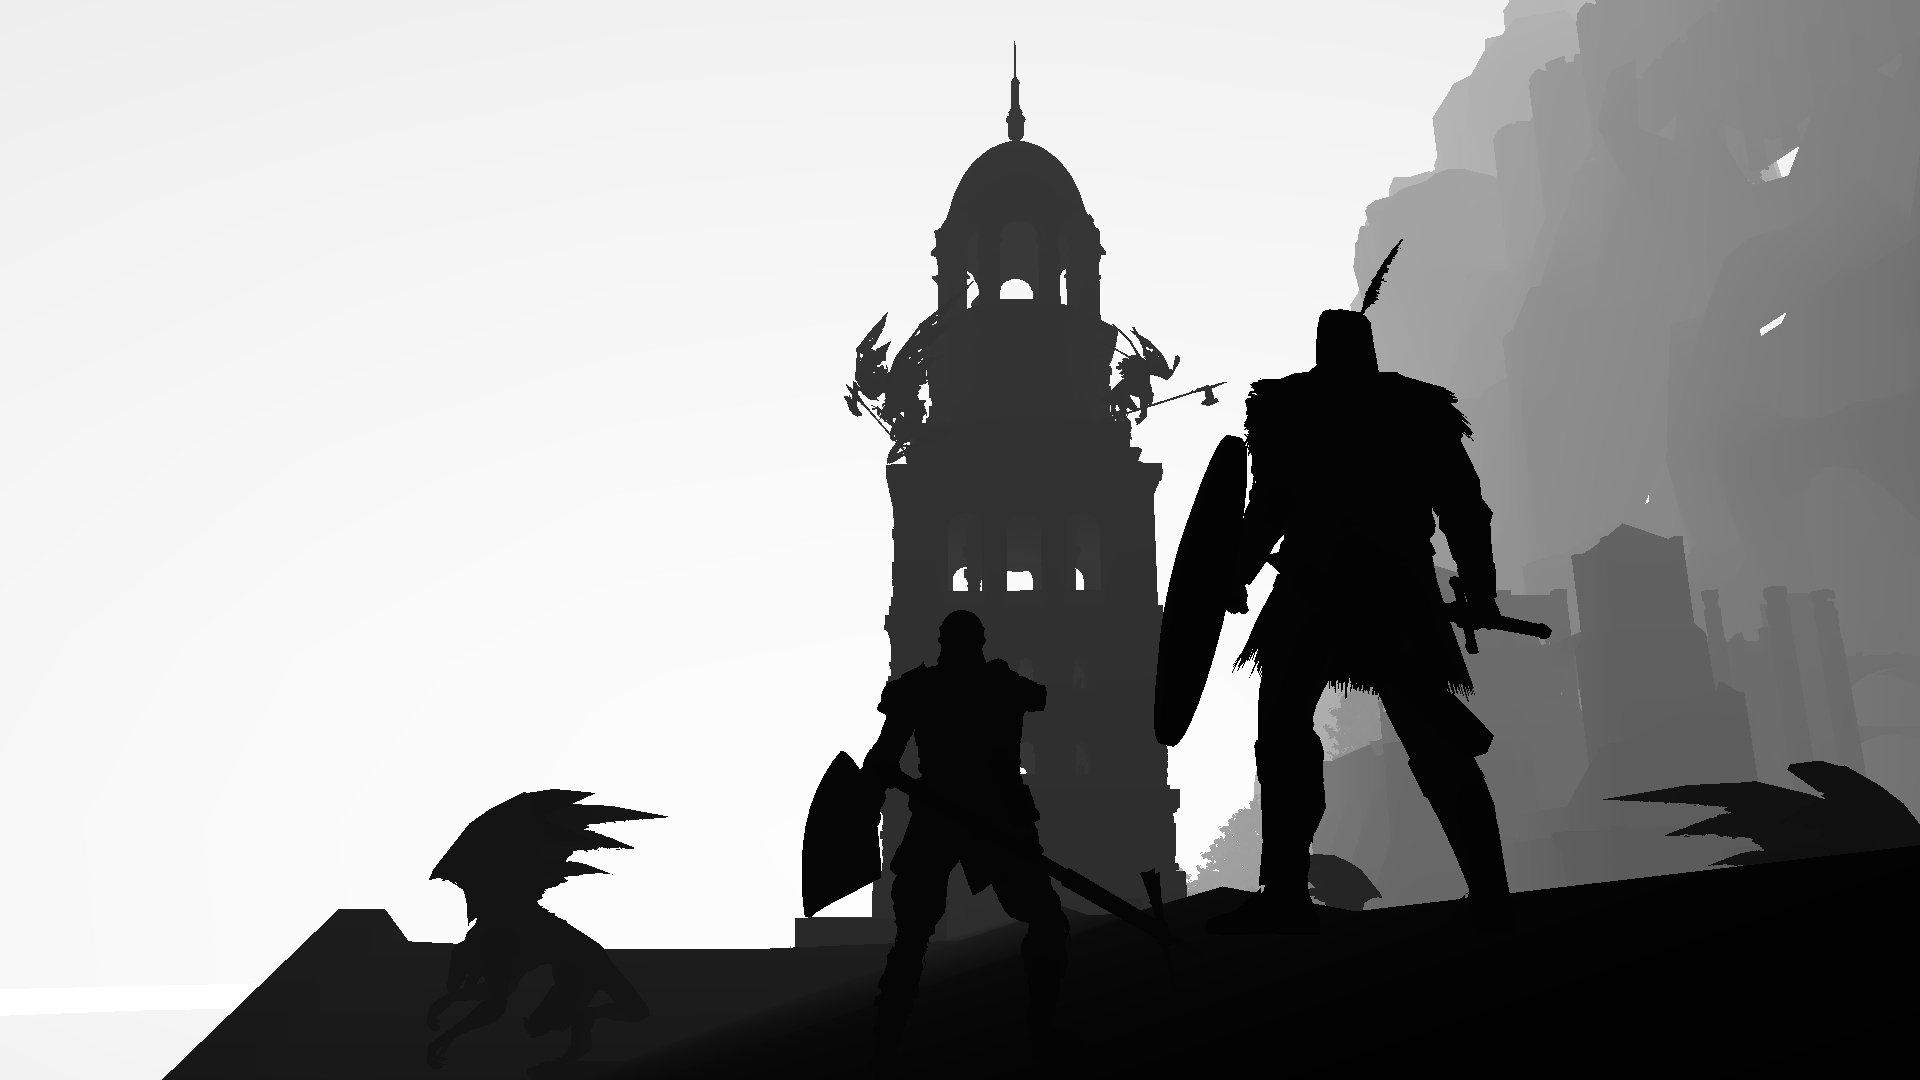 Video Game - Dark Souls  Wallpaper